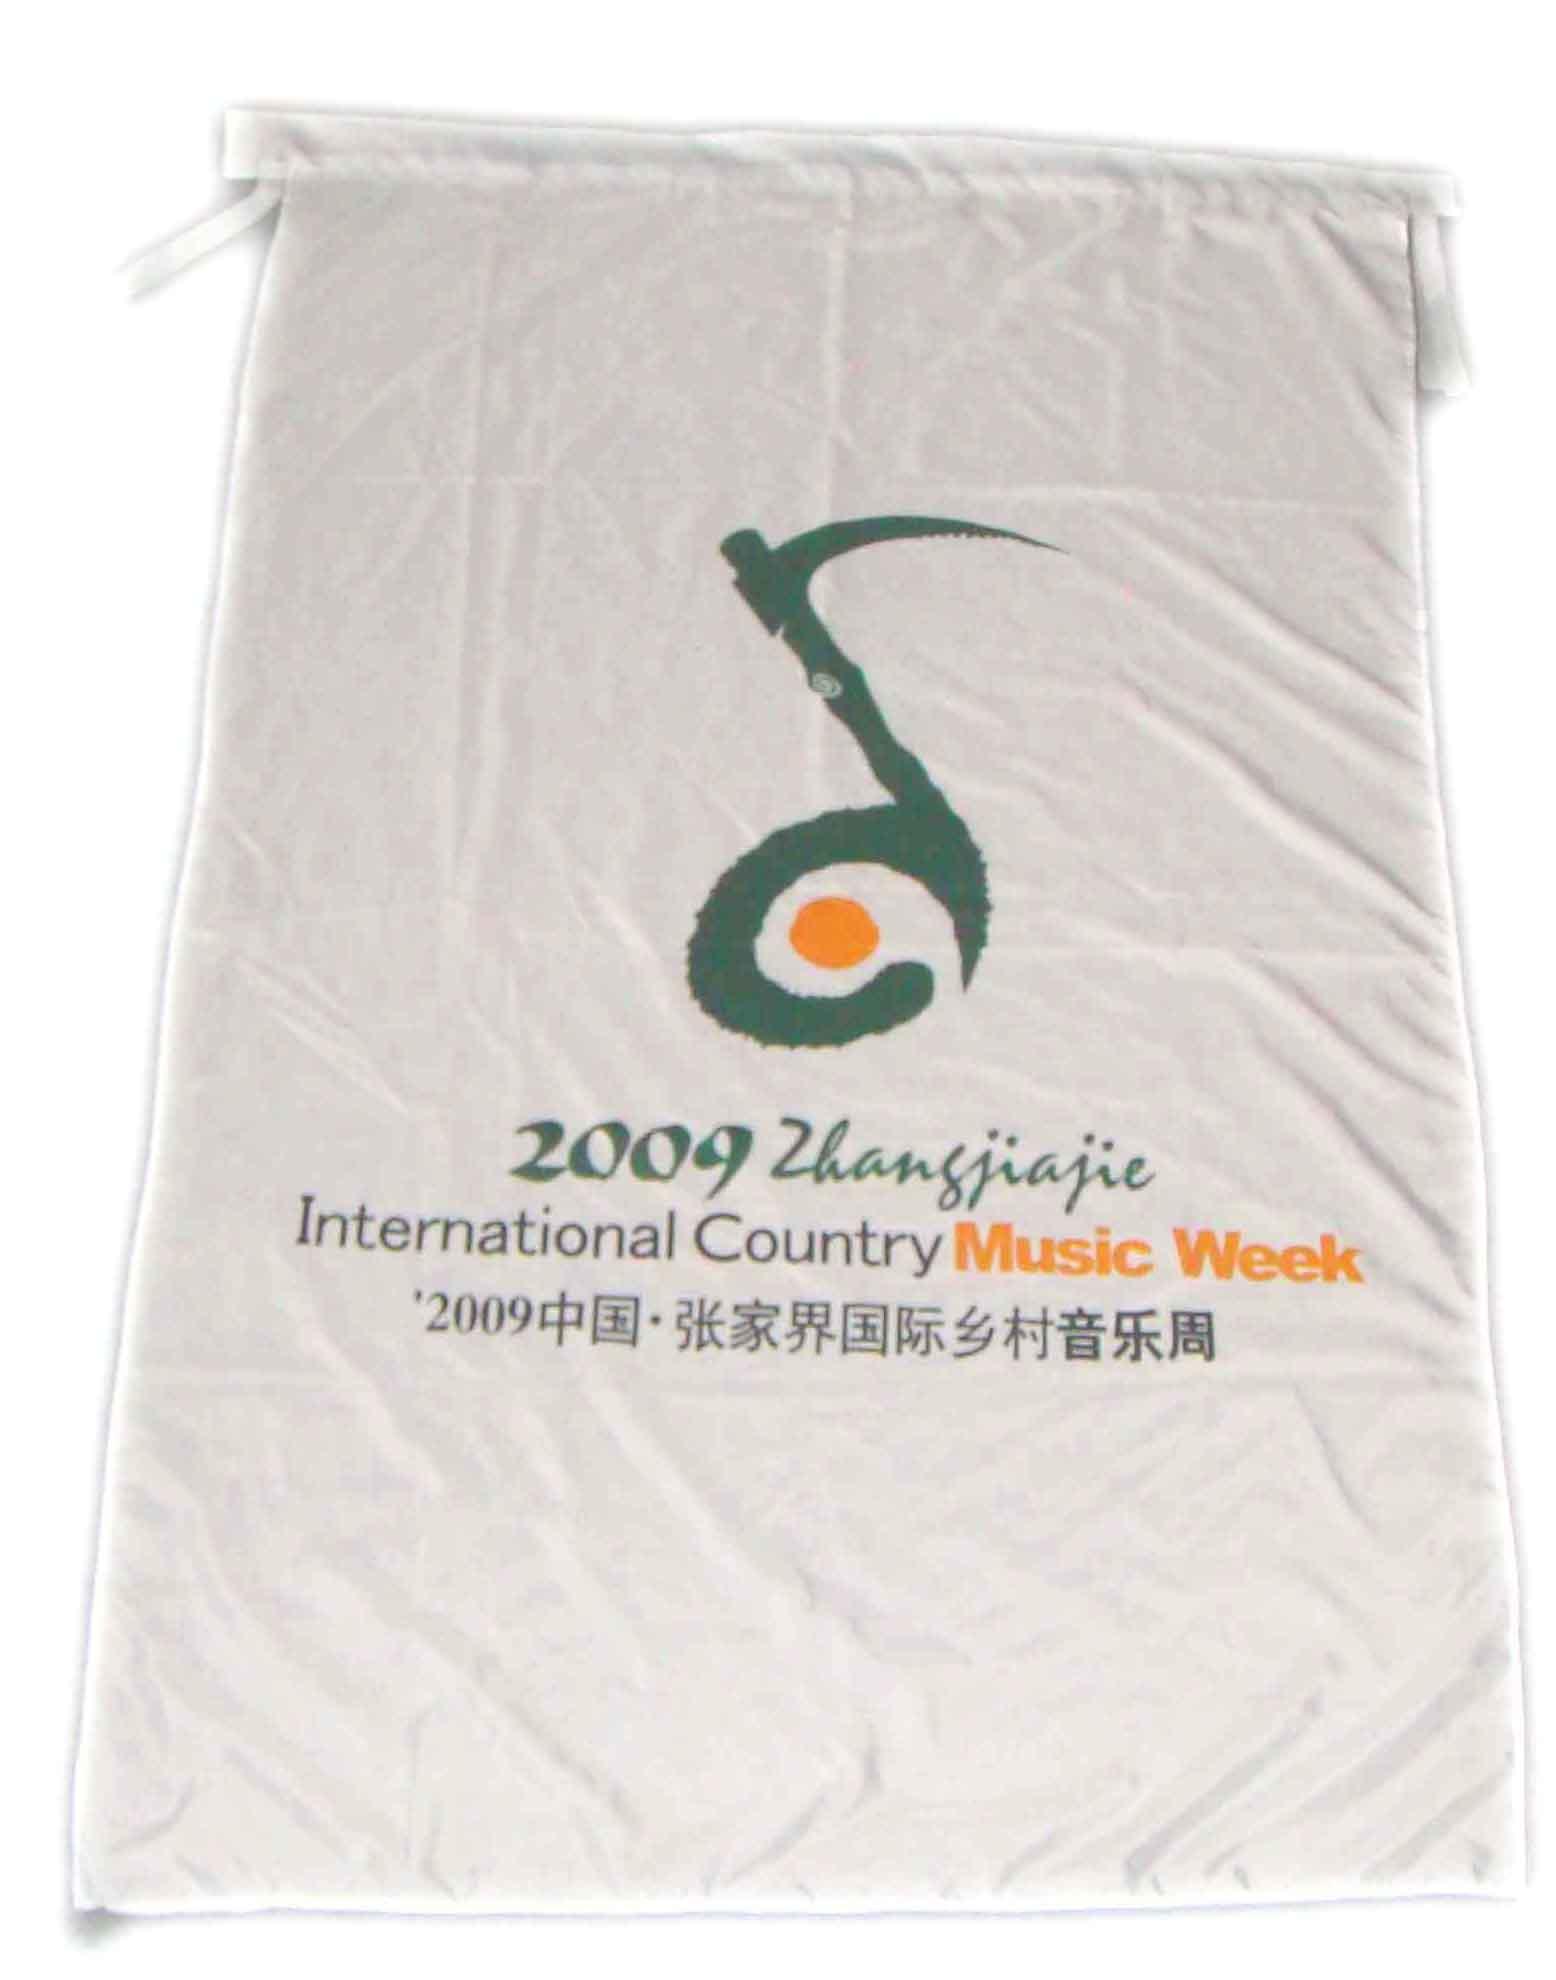 会议挂旗(张家界国际乡村音乐周)